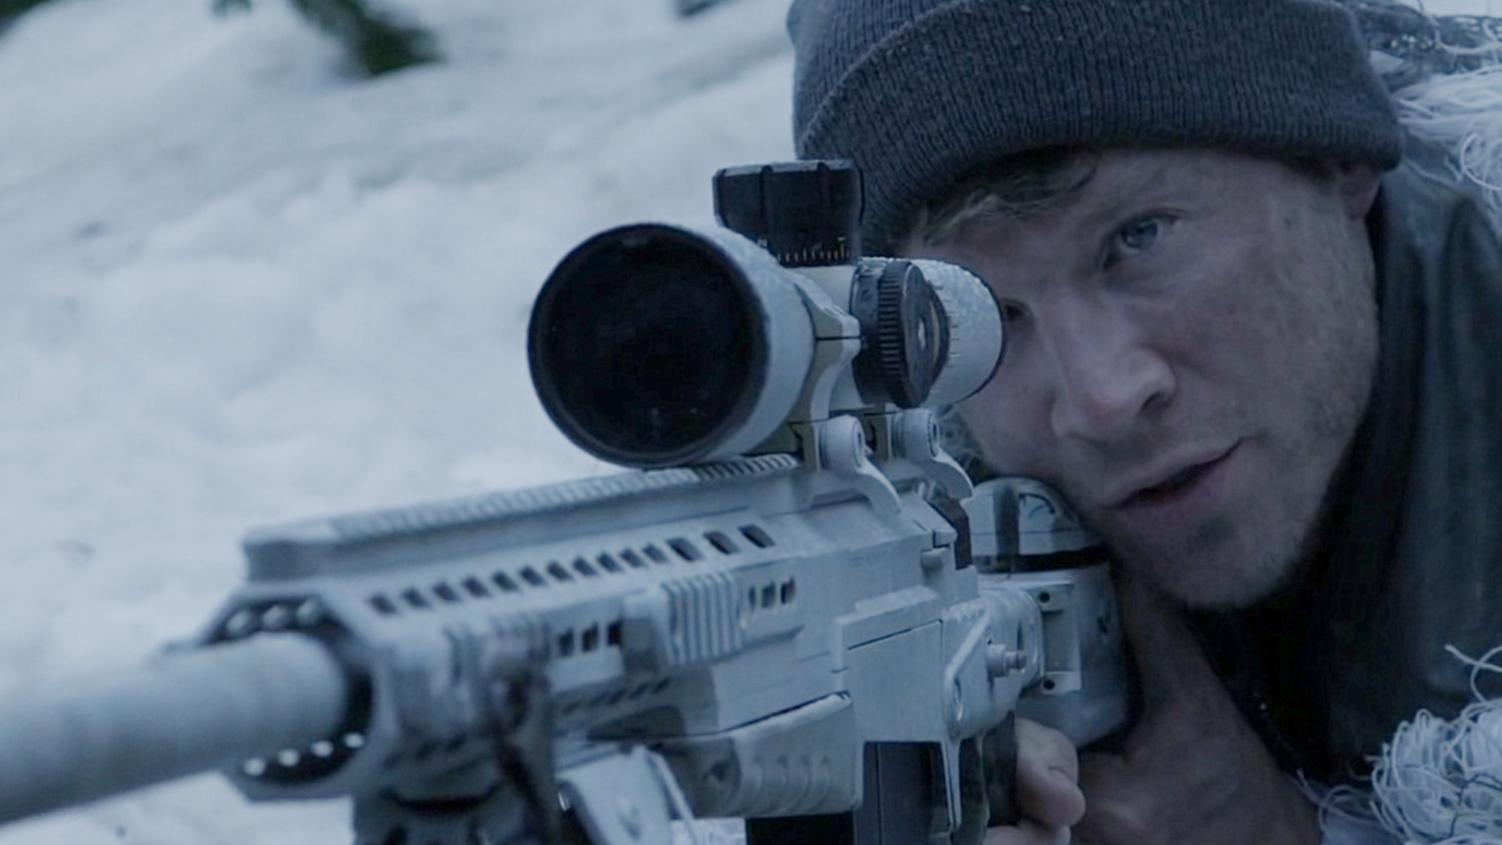 美国狙击手打击坏人,但对方也有王牌狙击手,一场大战就要展开!